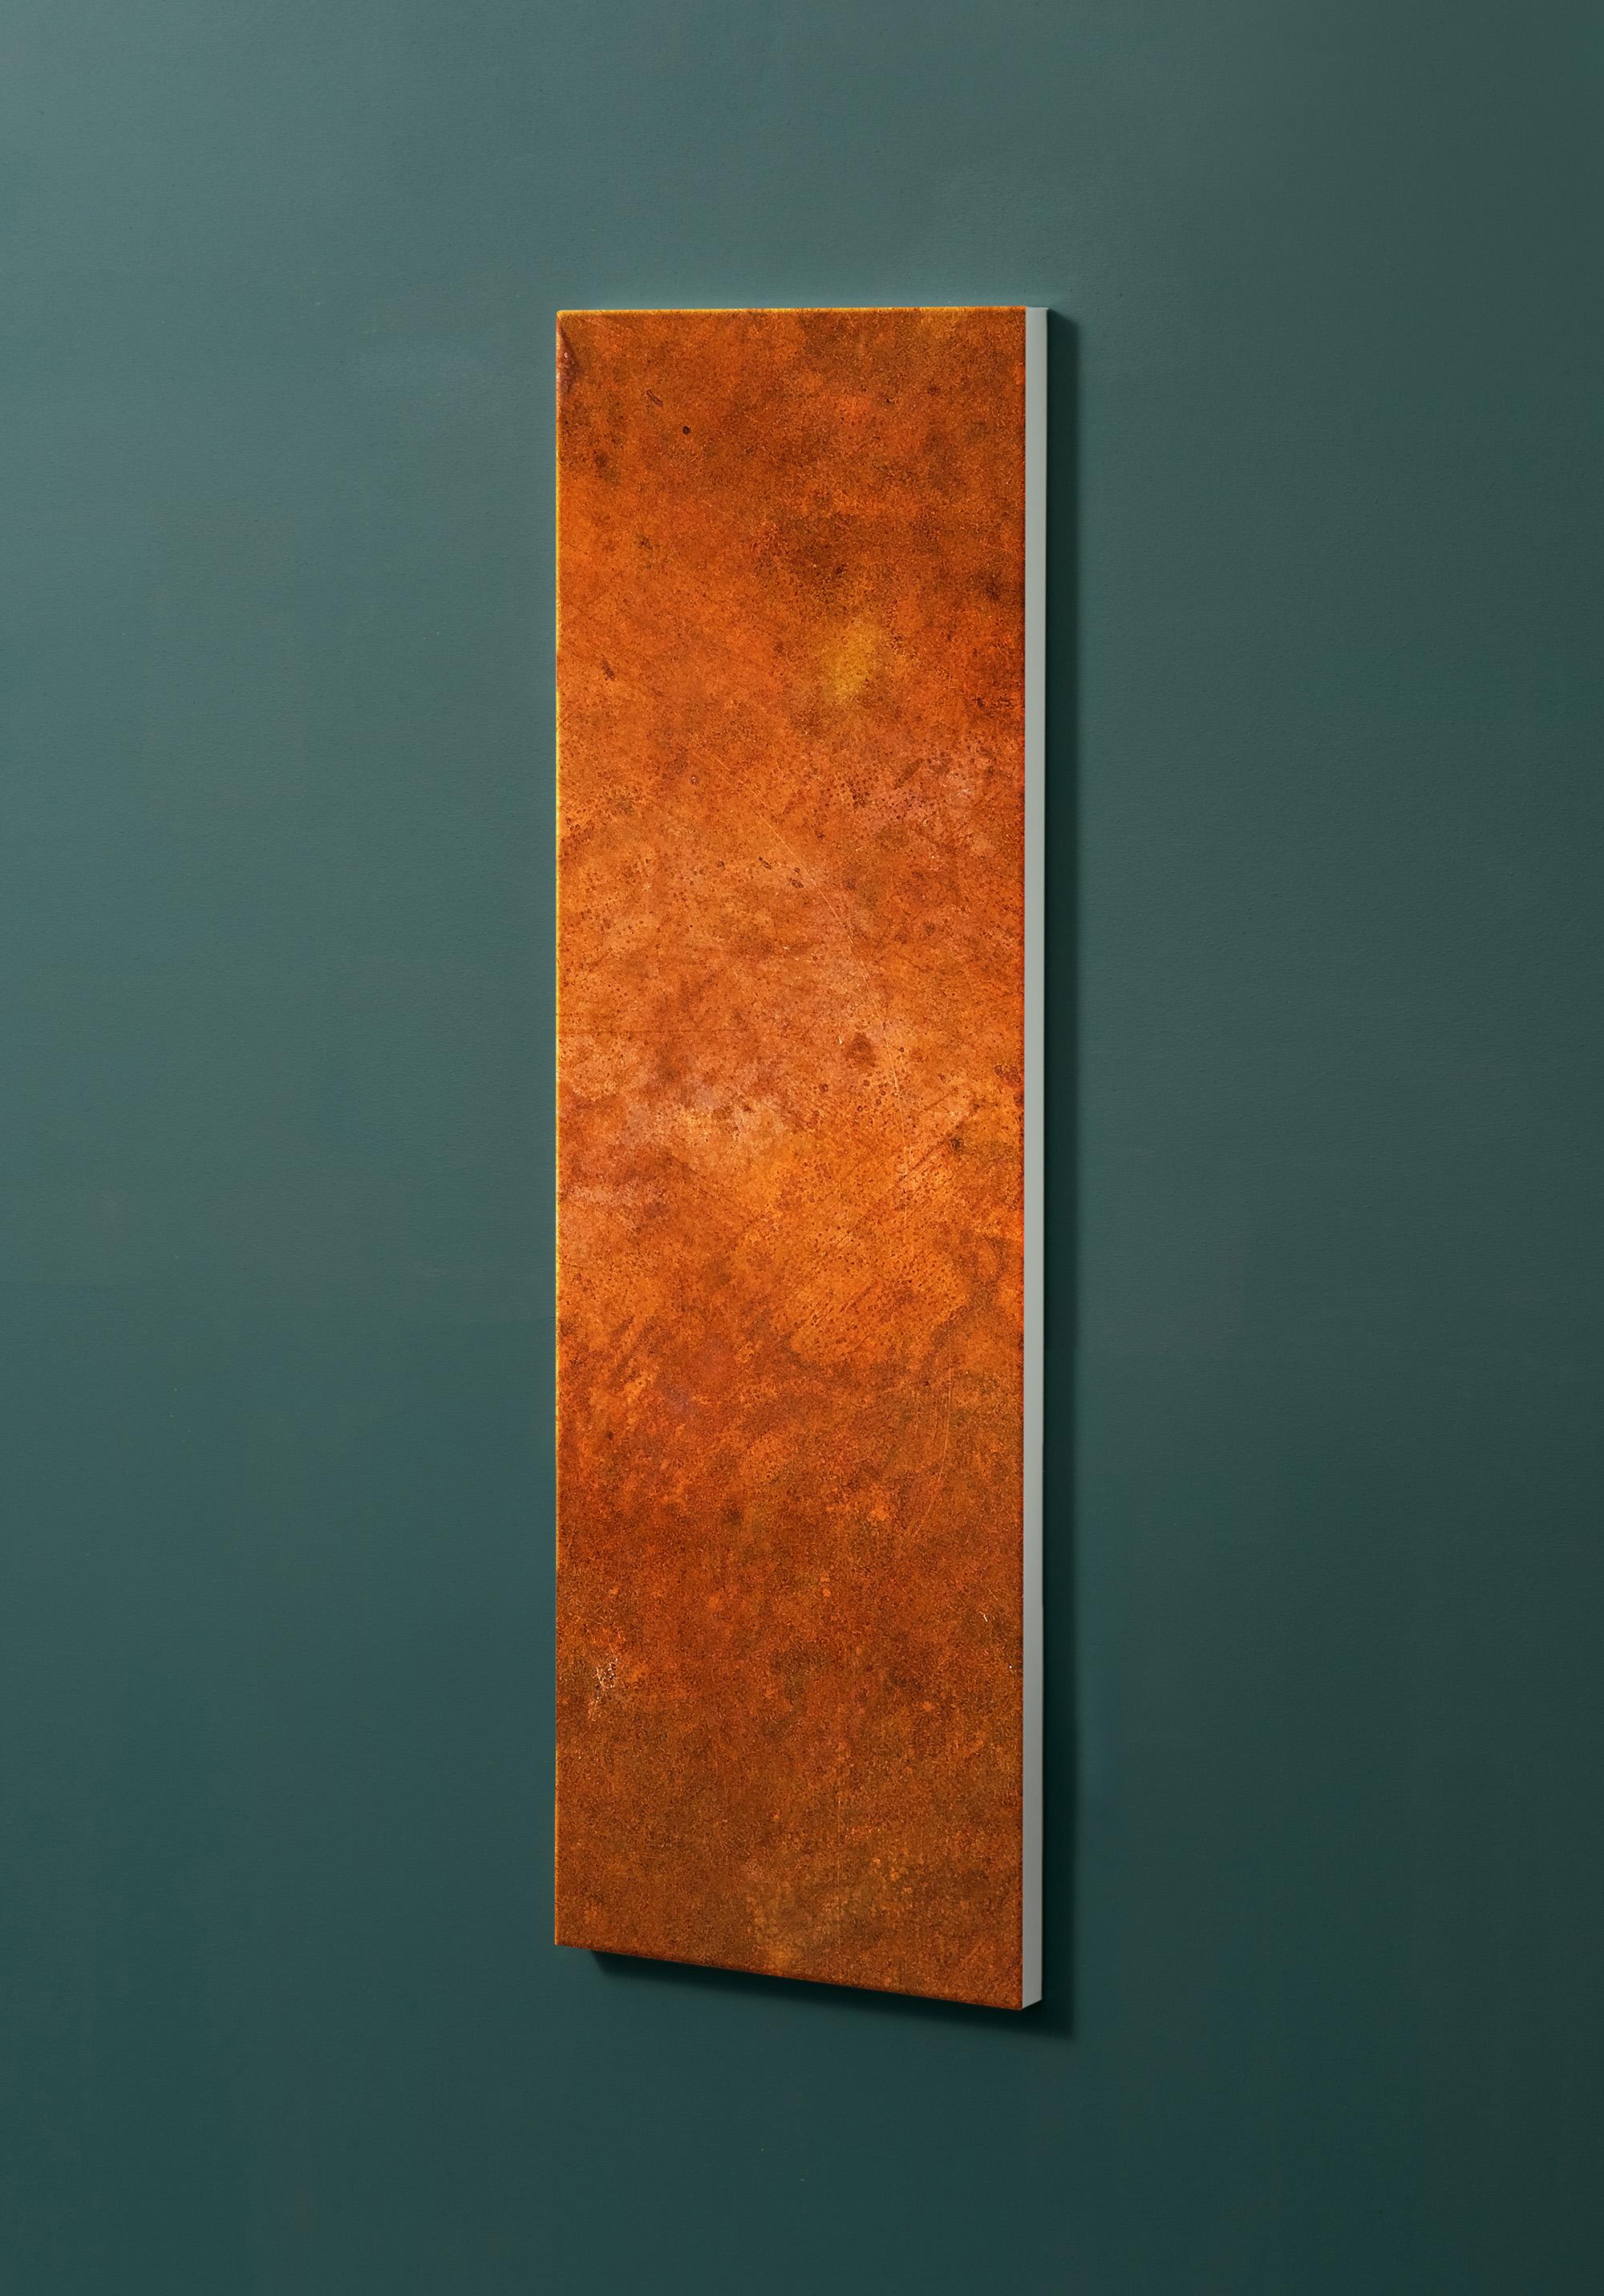 Magnettafel NOTIZ 30x90cm Motiv-Pinnwand M31 Rost